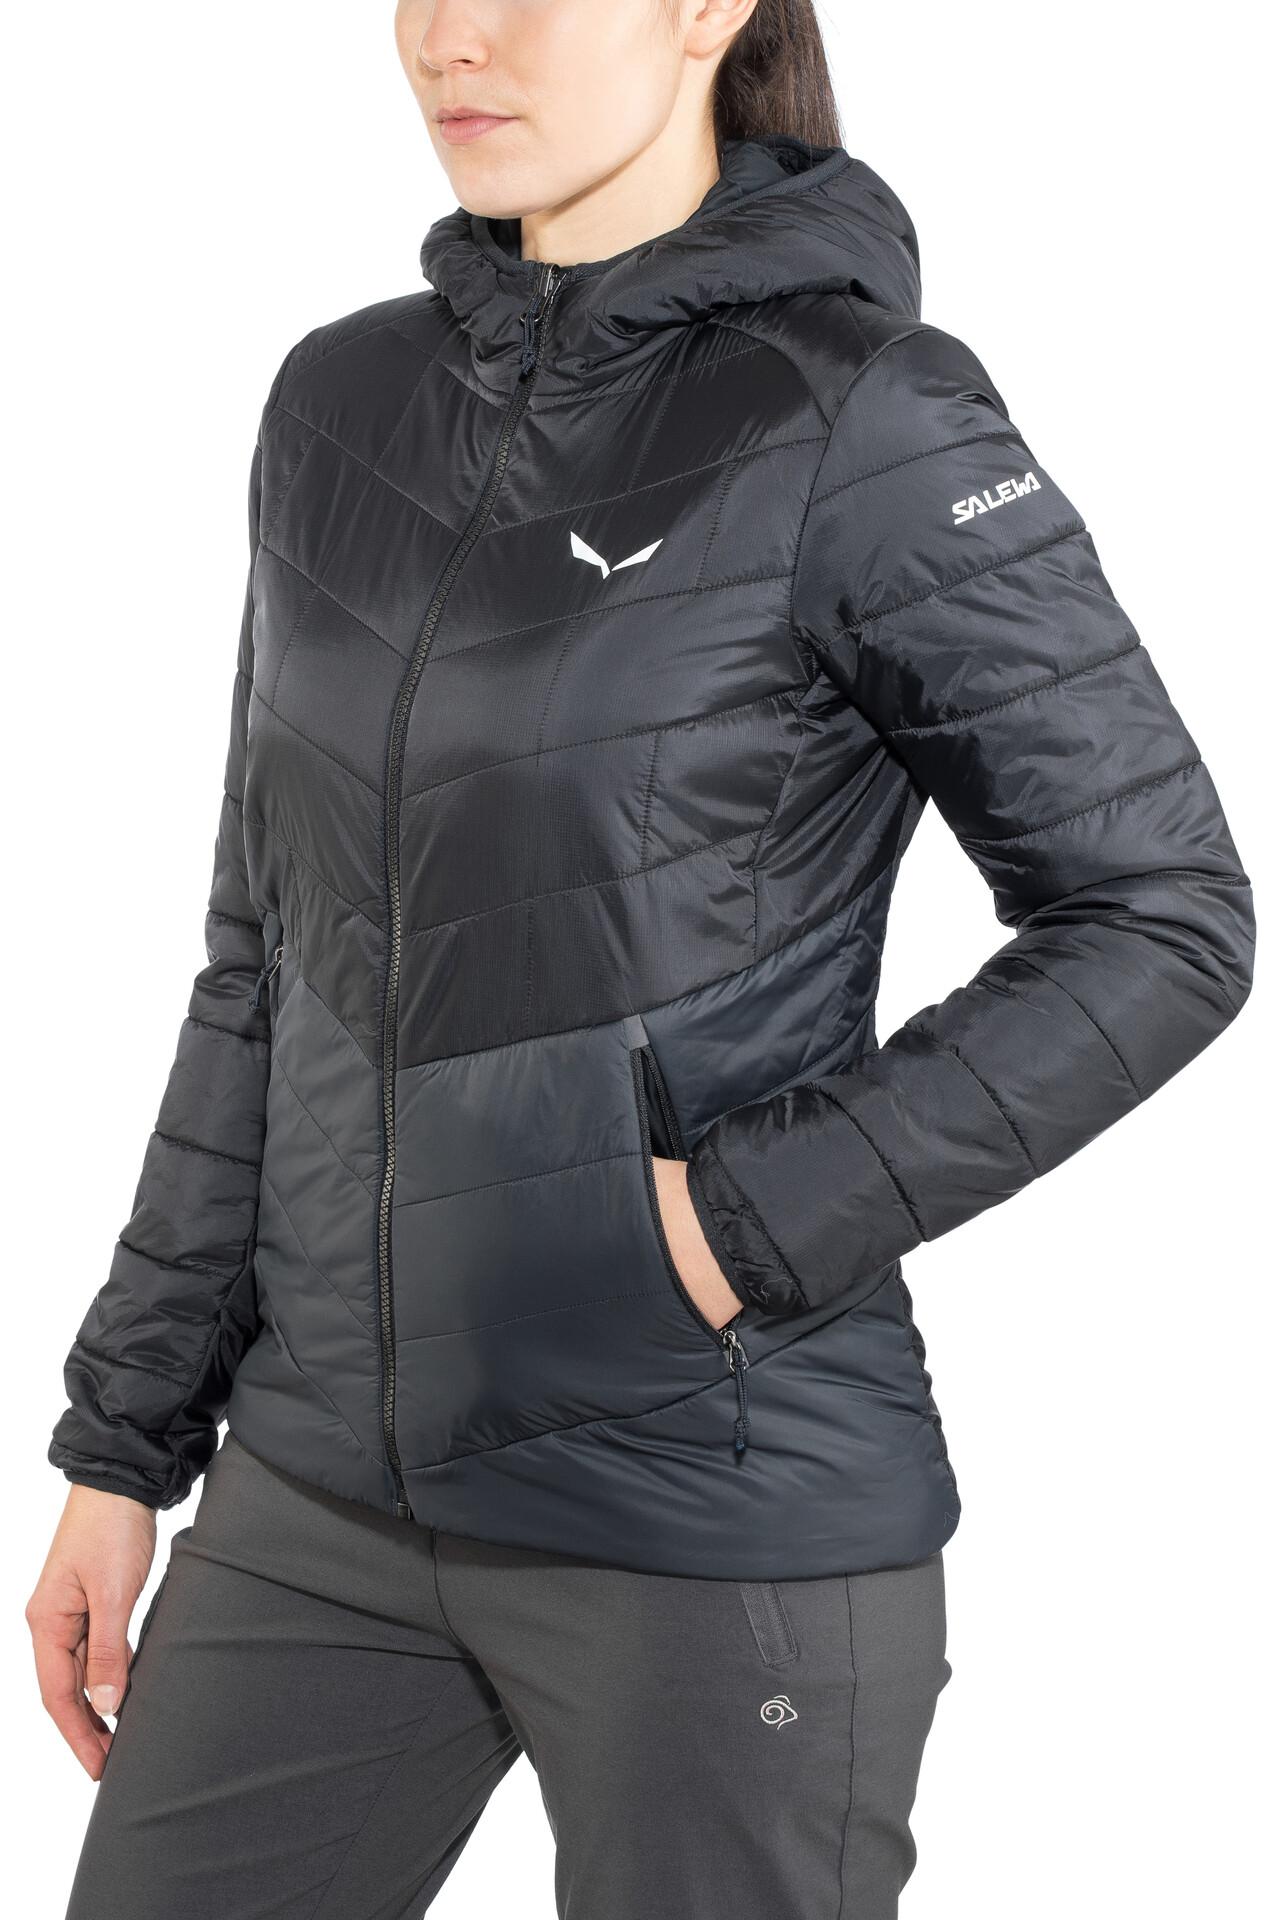 NEU Salewa Fanes 2 Polarlite Tirolwool Jacket Winterjacke Wolljacke Herrenjacke